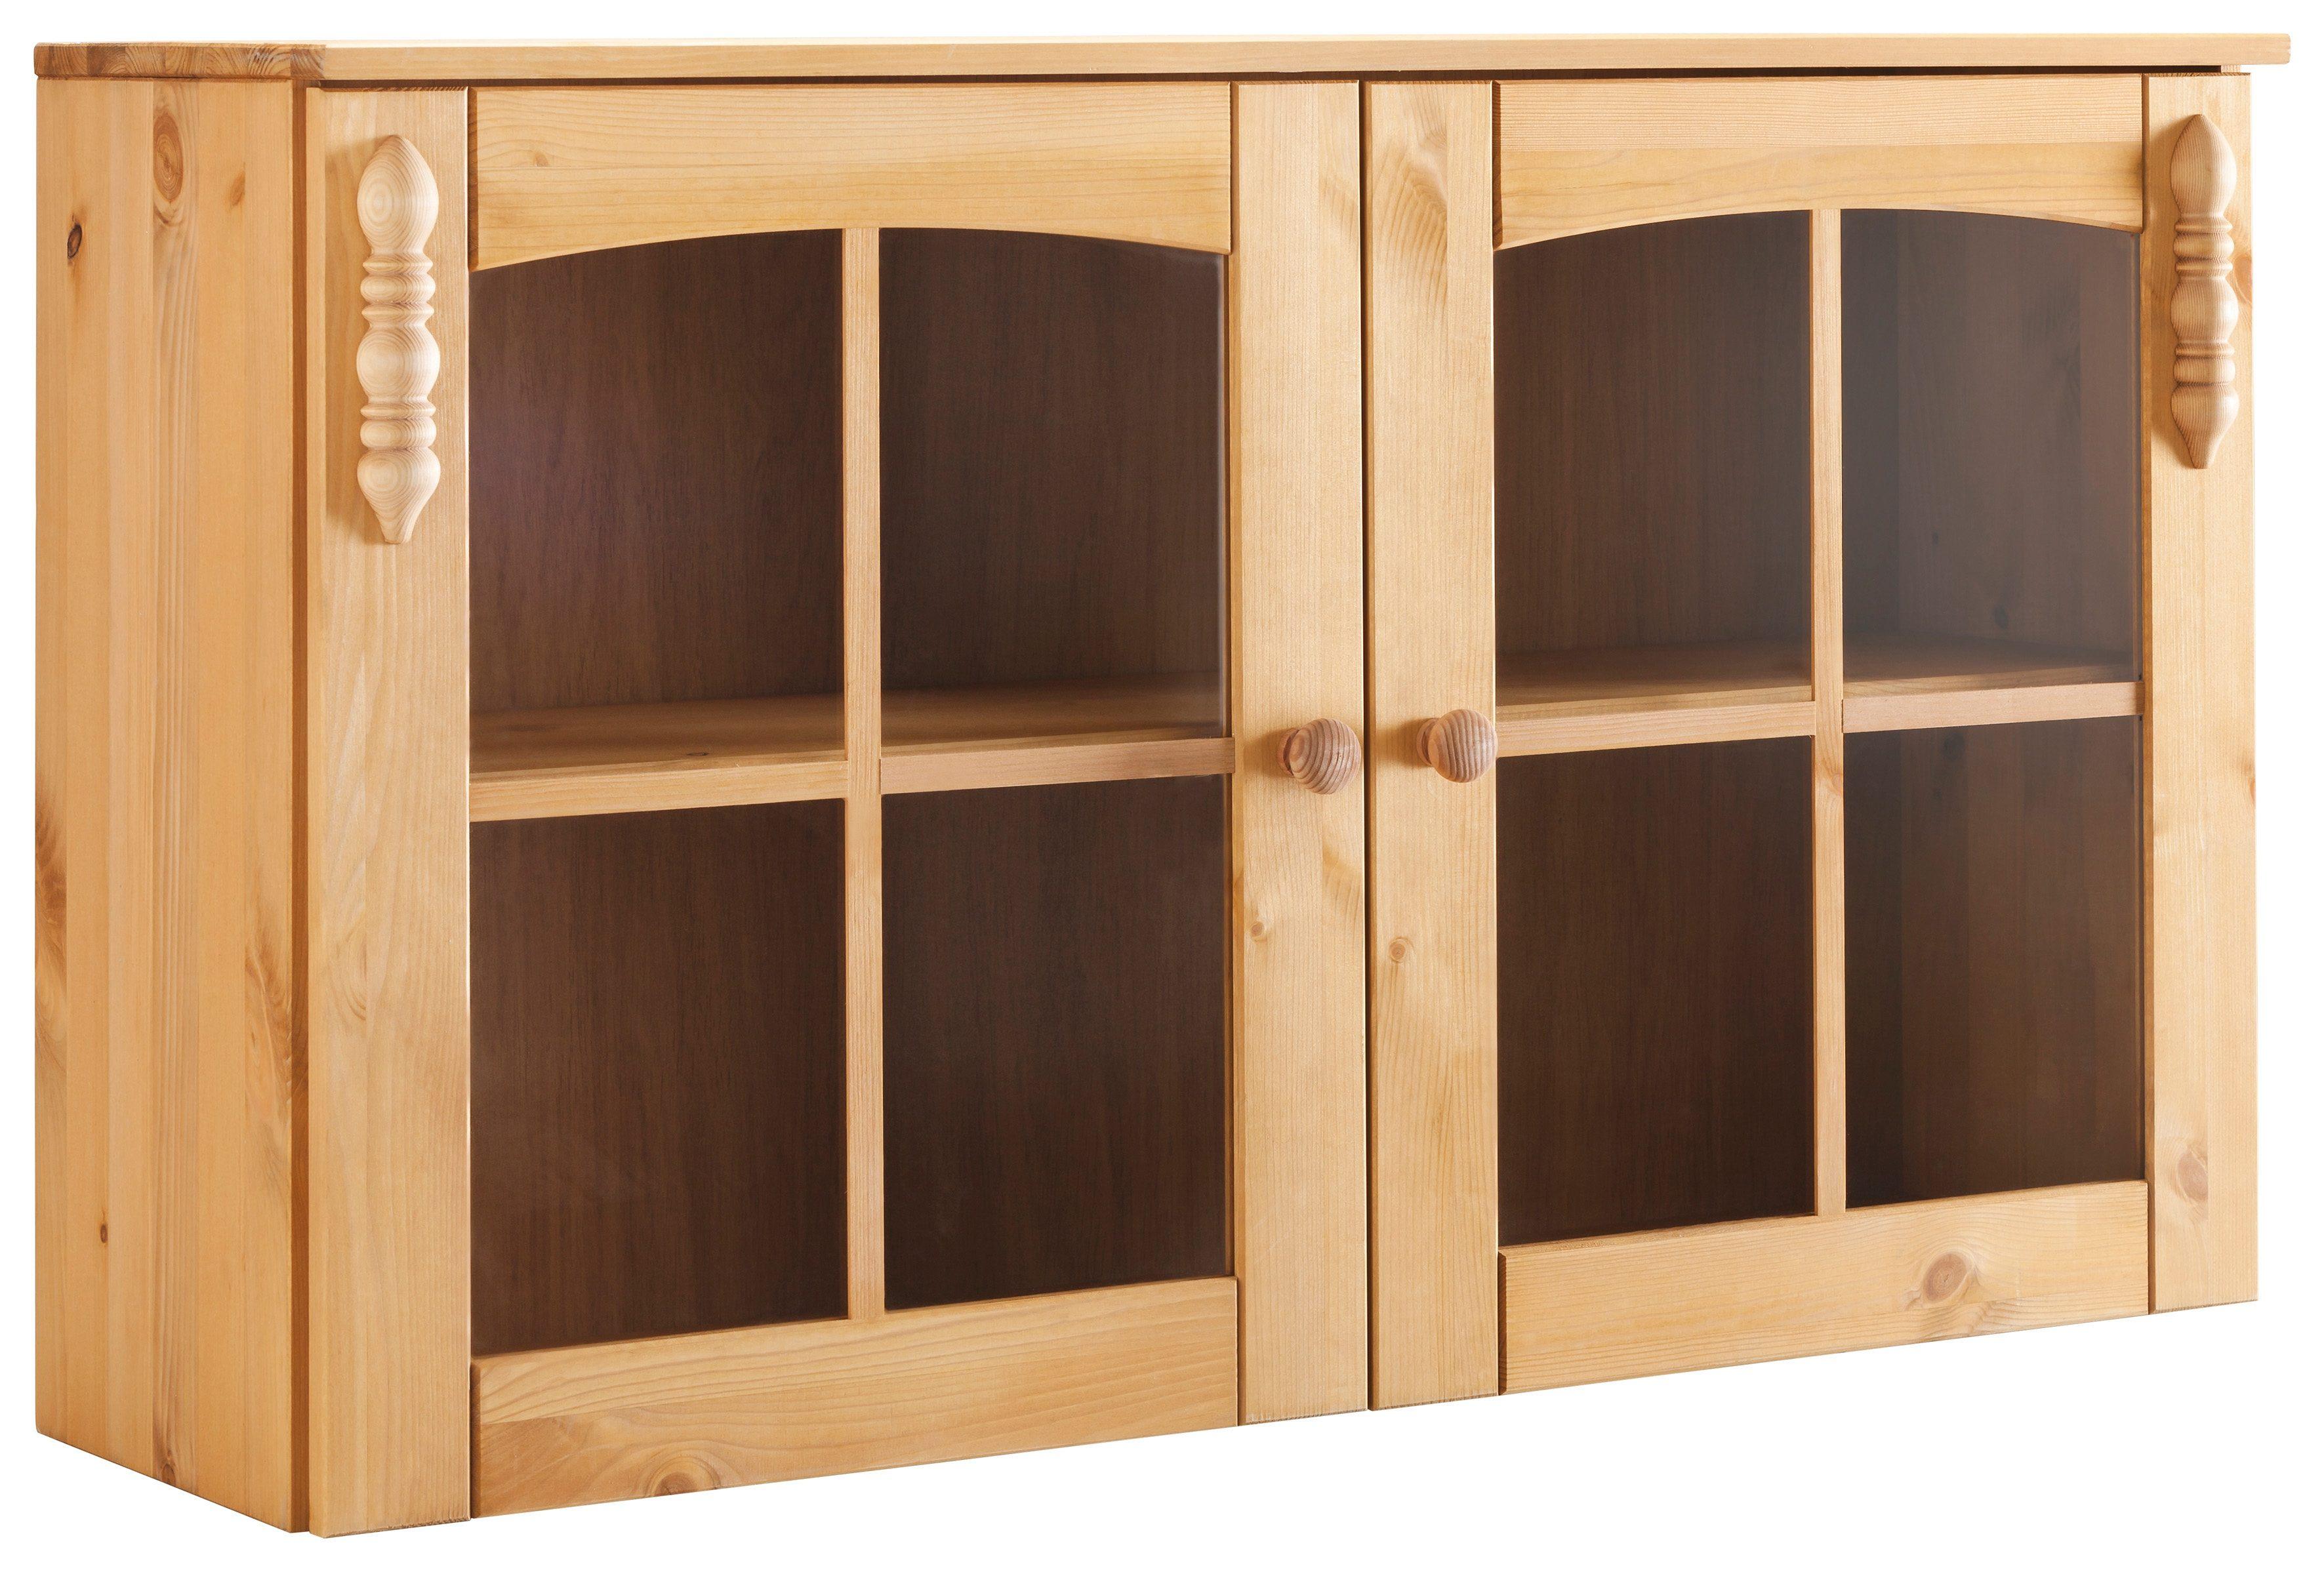 Keuken Wandkast 8 : Keukenkast kopen meer dan keukenkasten otto